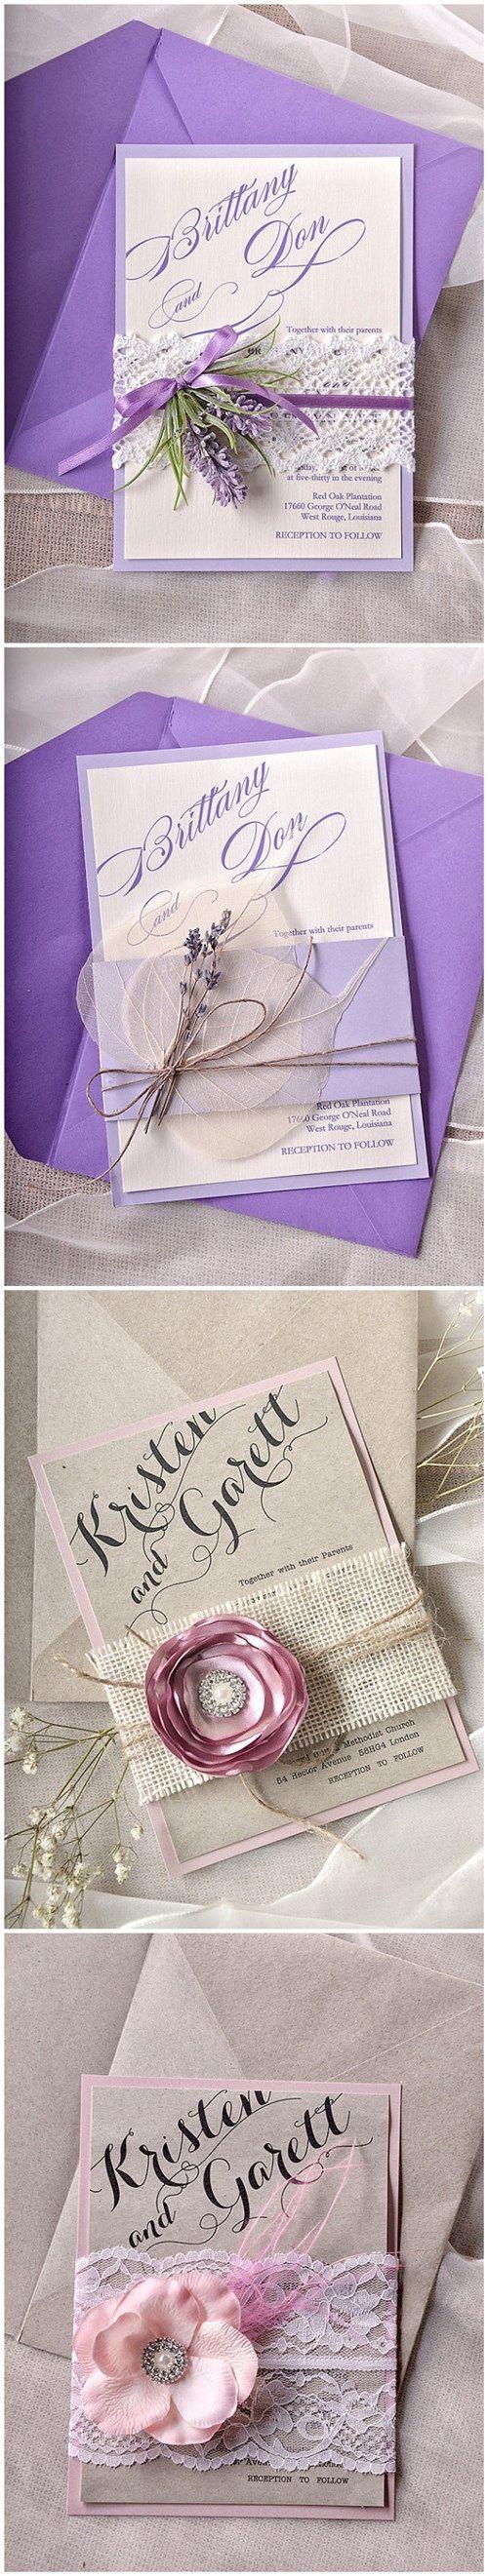 Purple Rustic Vintage Lace Wedding Invitations